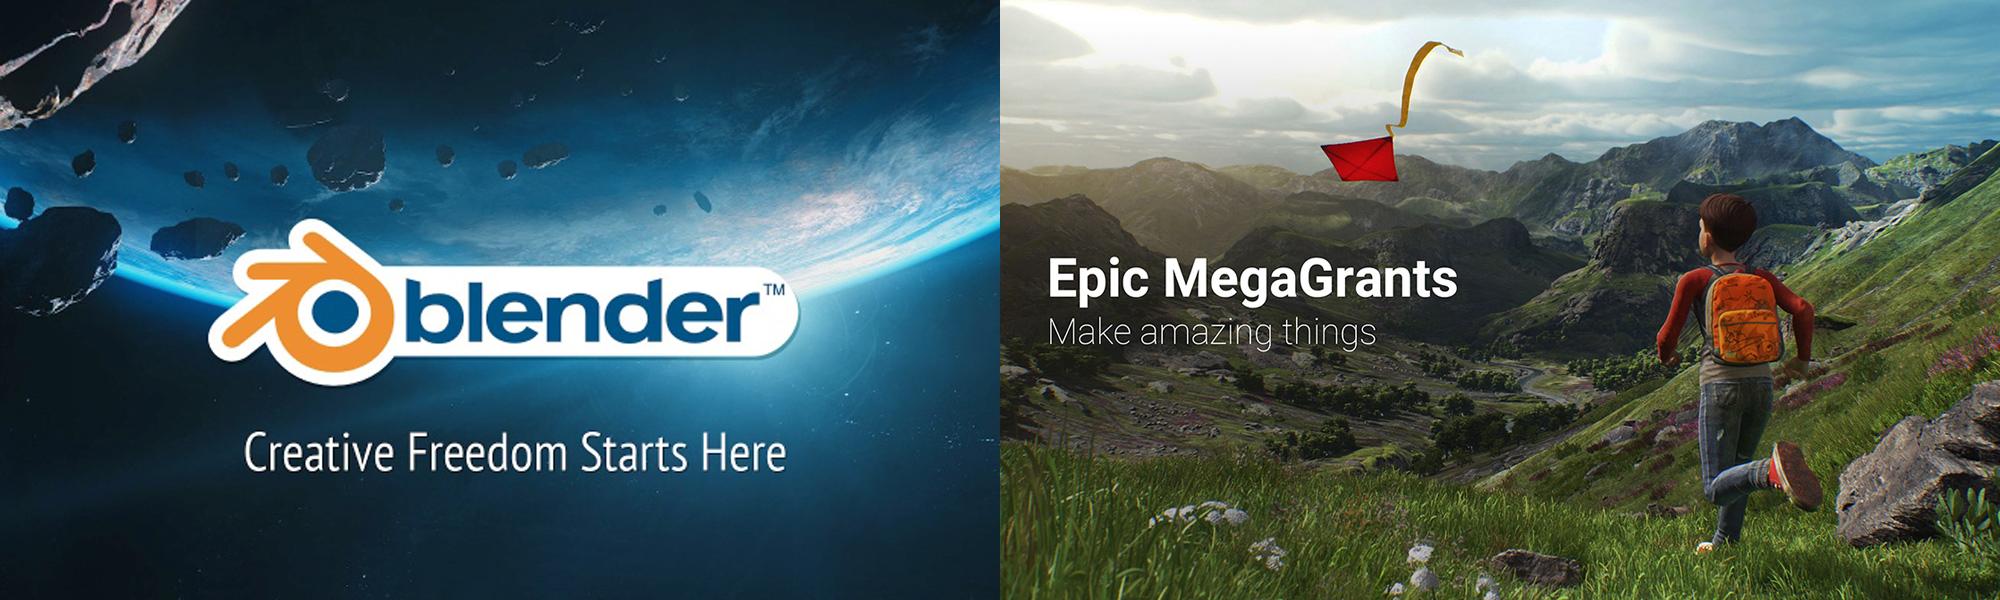 EpicMegaGrants, BLENDER, Epic Mega Grants, Epic, unreal engine, animación, 3d,